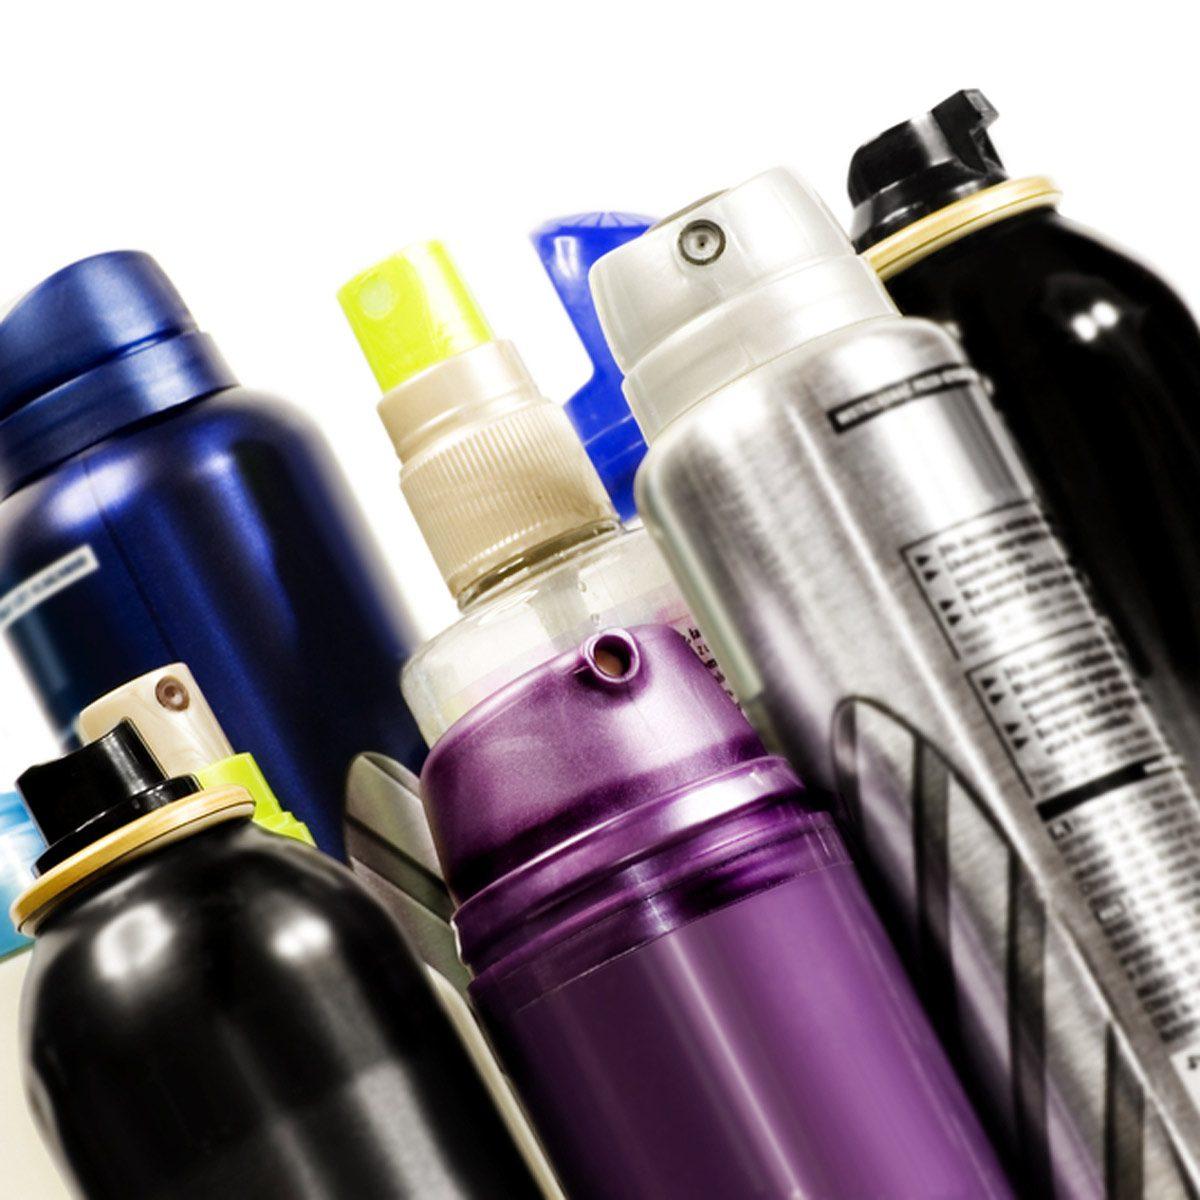 aerosol cans hairspray